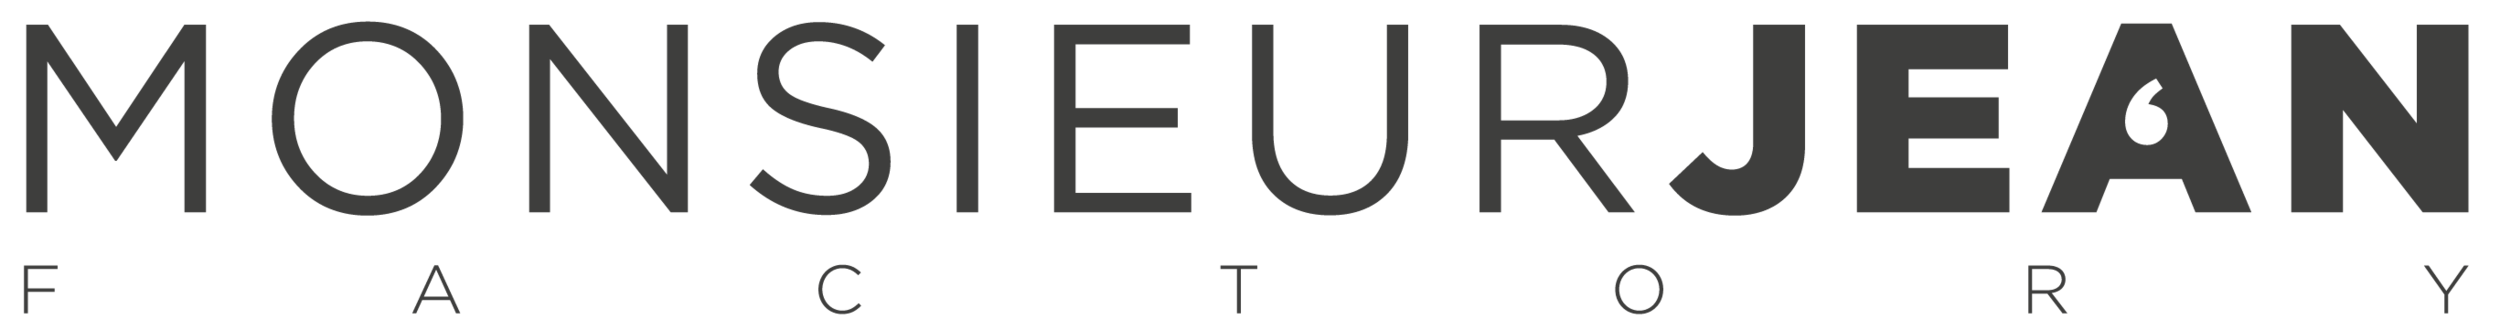 - Monsieur Jean est une société de production de films publicitaires digitaux, TV et Brand Content. Lancé en 2019 par Matthieu Jean-Toscani et Stéphane Bourgouin, Monsieur Jean s'appuie sur un pool de réalisateurs et auteurs issus de la nouvelle génération digitale.